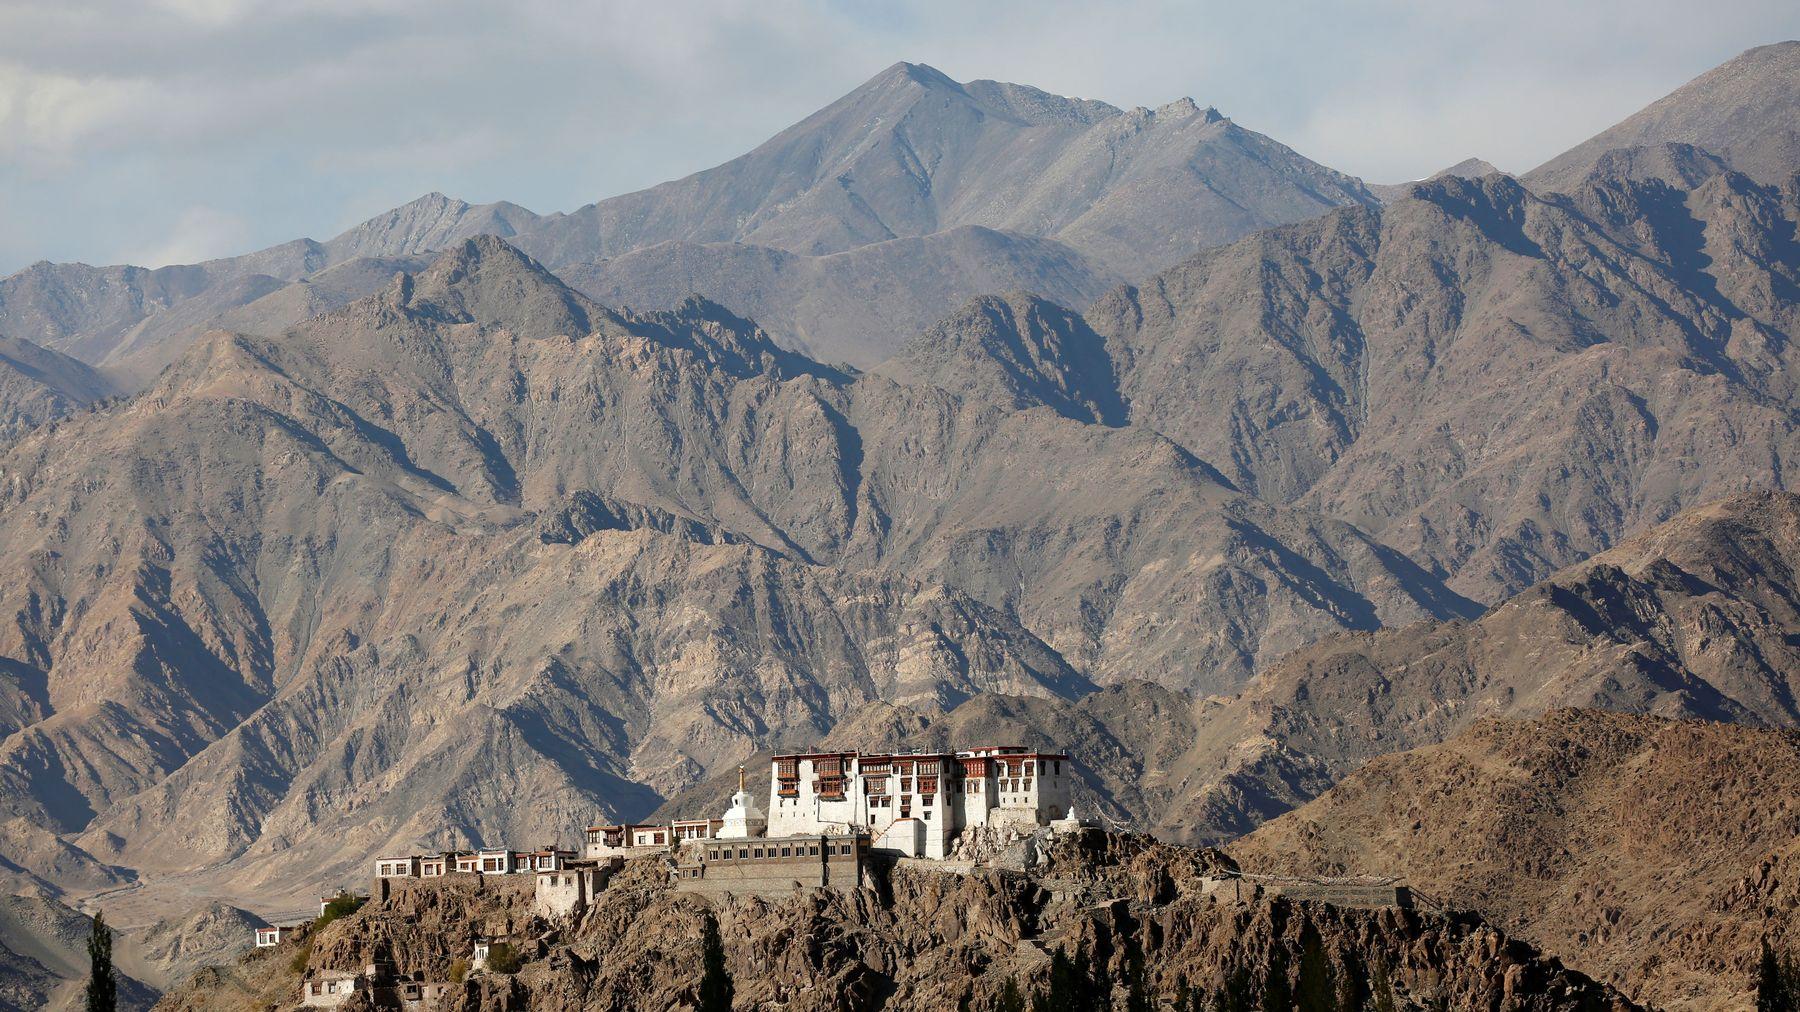 Ici une photo du monastère de Stakna, dans la région himalayenne du Ladakh, à l'extrême nord de l'Inde (image d'illustration).